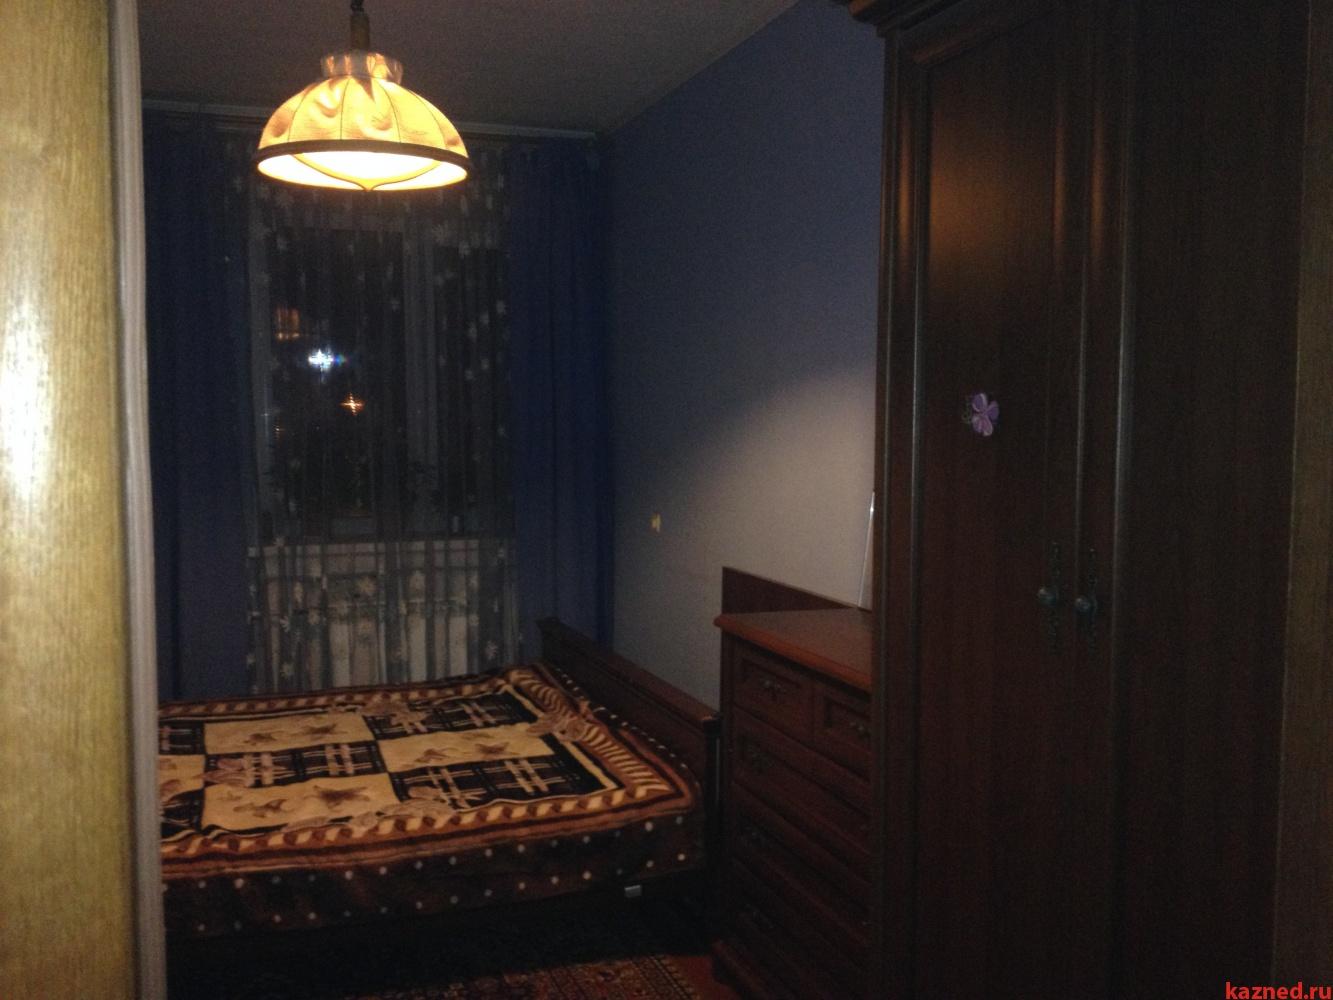 Продажа 4-к квартиры Ильича, 28, 74 м2  (миниатюра №9)